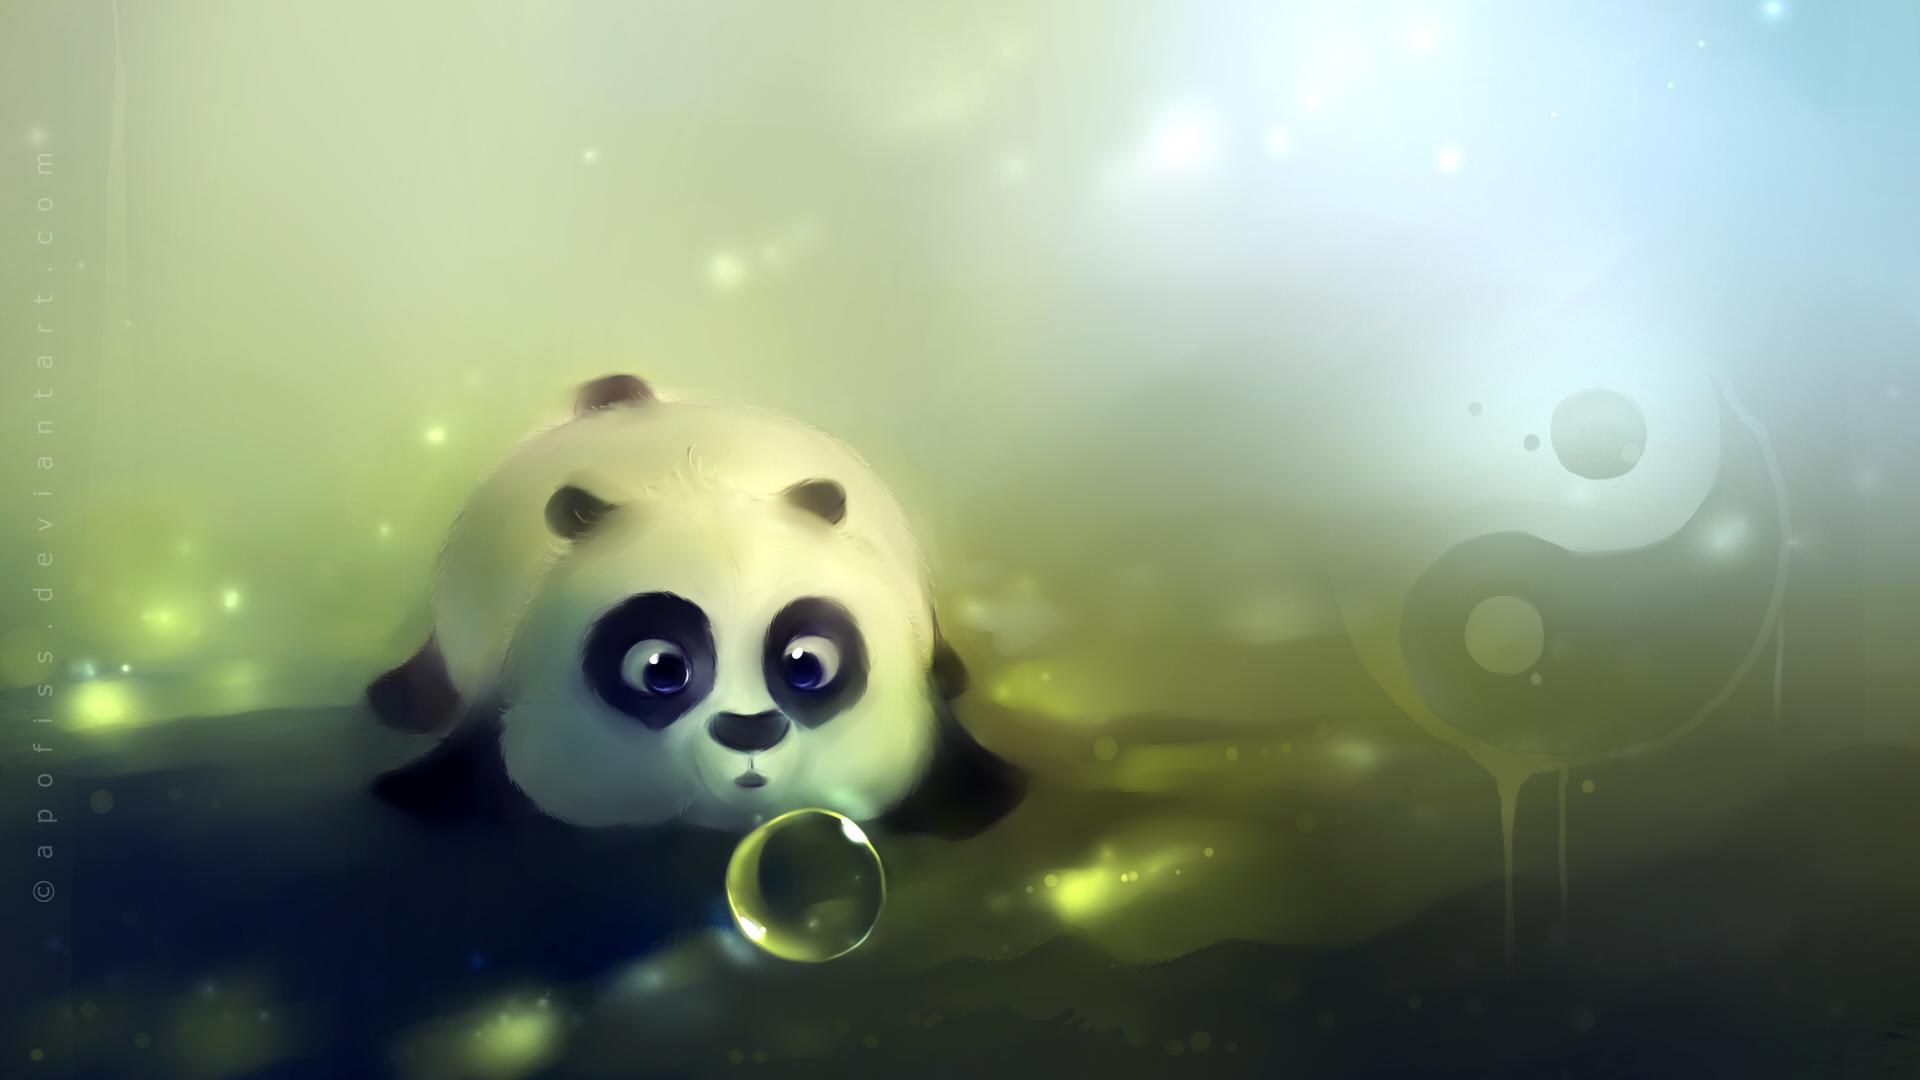 功夫熊猫之可爱Q版PPT背景图片免费下载是由PPT宝藏(www.pptbz.com)会员zengmin上传推荐的卡通PPT背景图片, 更新时间为2016-11-08,素材编号110706。 《功夫熊猫》是一部以中国功夫为主题的美国动作喜剧电影,影片以中国古代为背景,其景观、布景、服装以至食物均充满中国元素。故事讲述了一只笨拙的熊猫立志成为武林高手的故事。 故事发生在很久以前的古代中国,而且要从一只喜欢滚来滚去、滚来滚去的大熊猫身上说起。话说熊猫阿宝是一家面条店的学徒,虽然笨手笨脚,也勉强算是谋到了一份职业